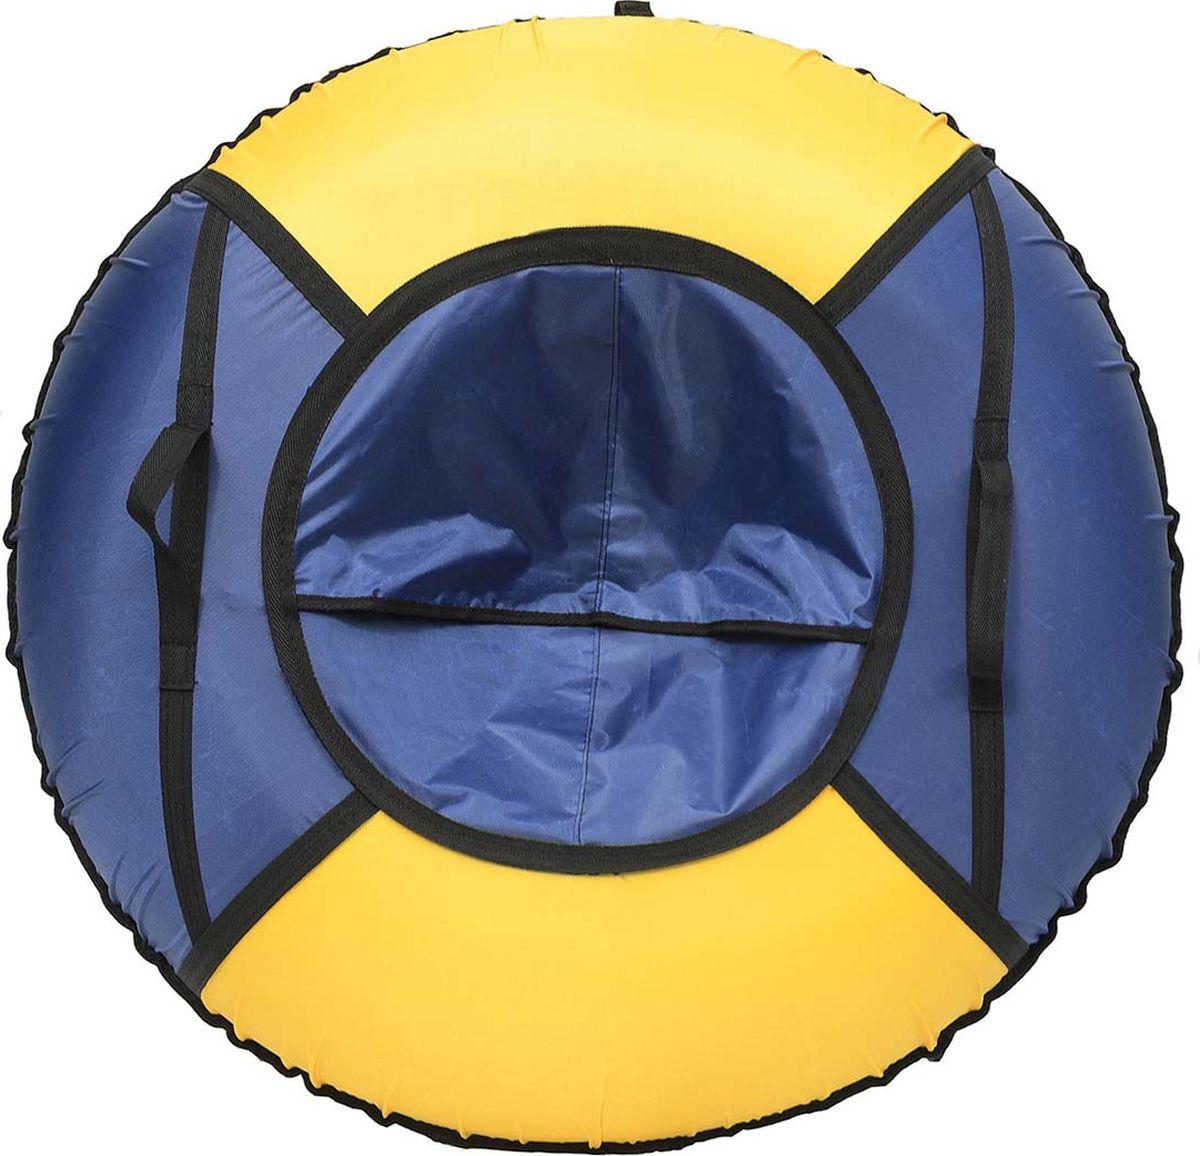 Тюбинг Эх, Прокачу! Эконом-4, цвет: синий, желтый, 85 смСЭ85-4-2Качественные бюджетные санки-ватрушки для катания по снегу из 4 секций * размеры указаны в надутом состоянии * дно изготовлено из ткани ПВХ 630г/м2 * верх изготовлен из ткани Oxford 420гр/м2 * камера российского производства * буксировочный ремень * морозоустойчивость -45 * допускается деформация формы санок из-за неравномерности надутия камеры